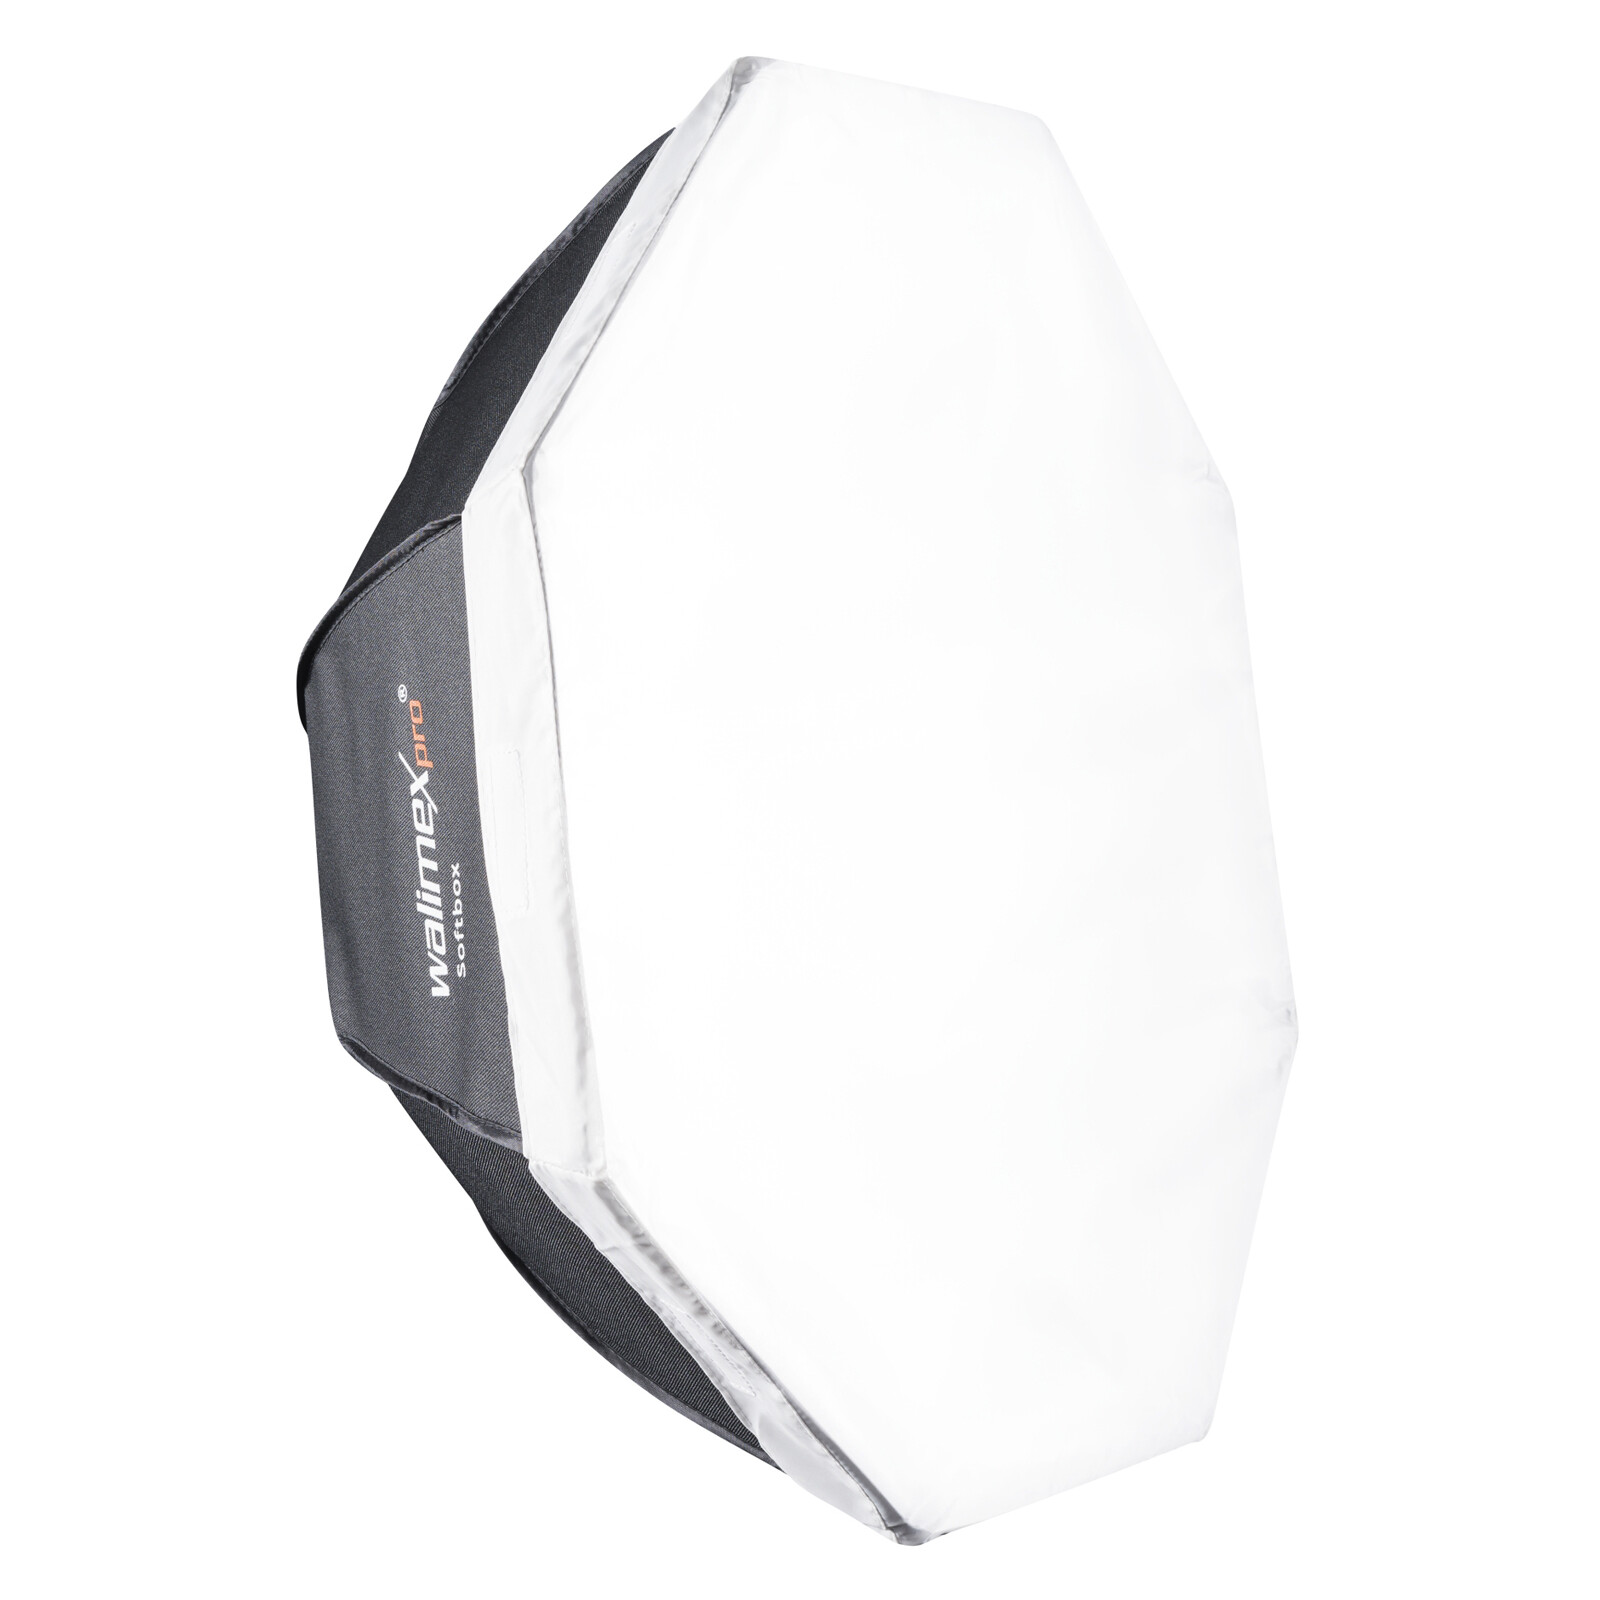 walimex pro Octagon Softbox Ø60cm Aurora/Bowens